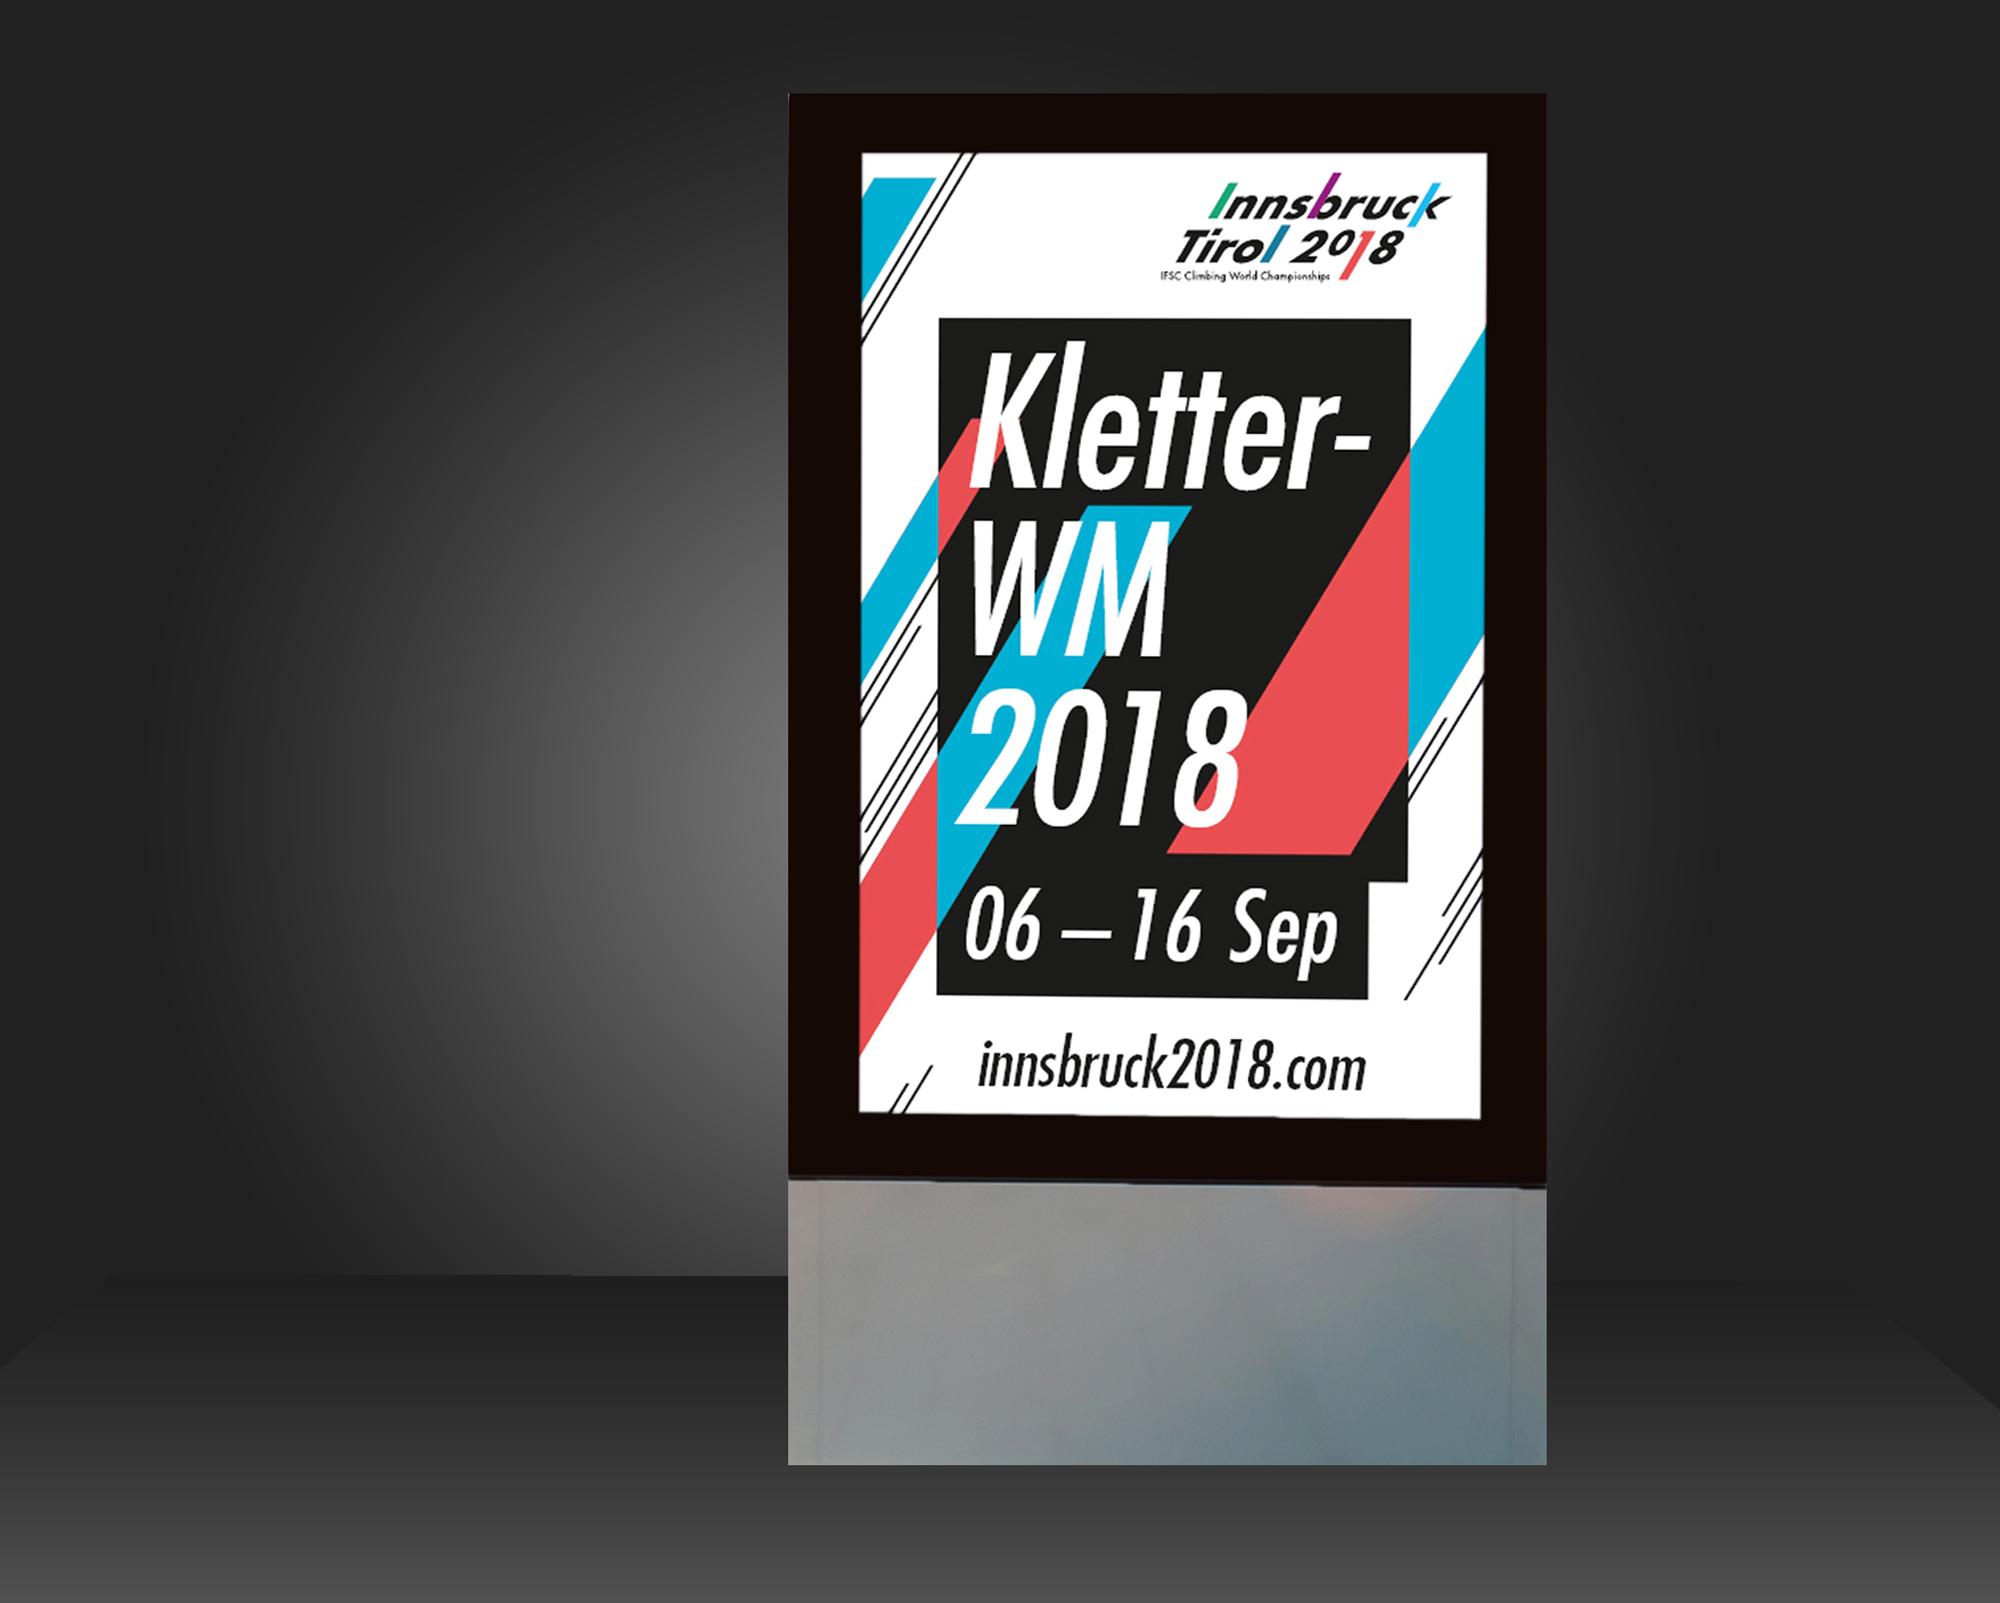 Kletter-WM Innsbruck 2018